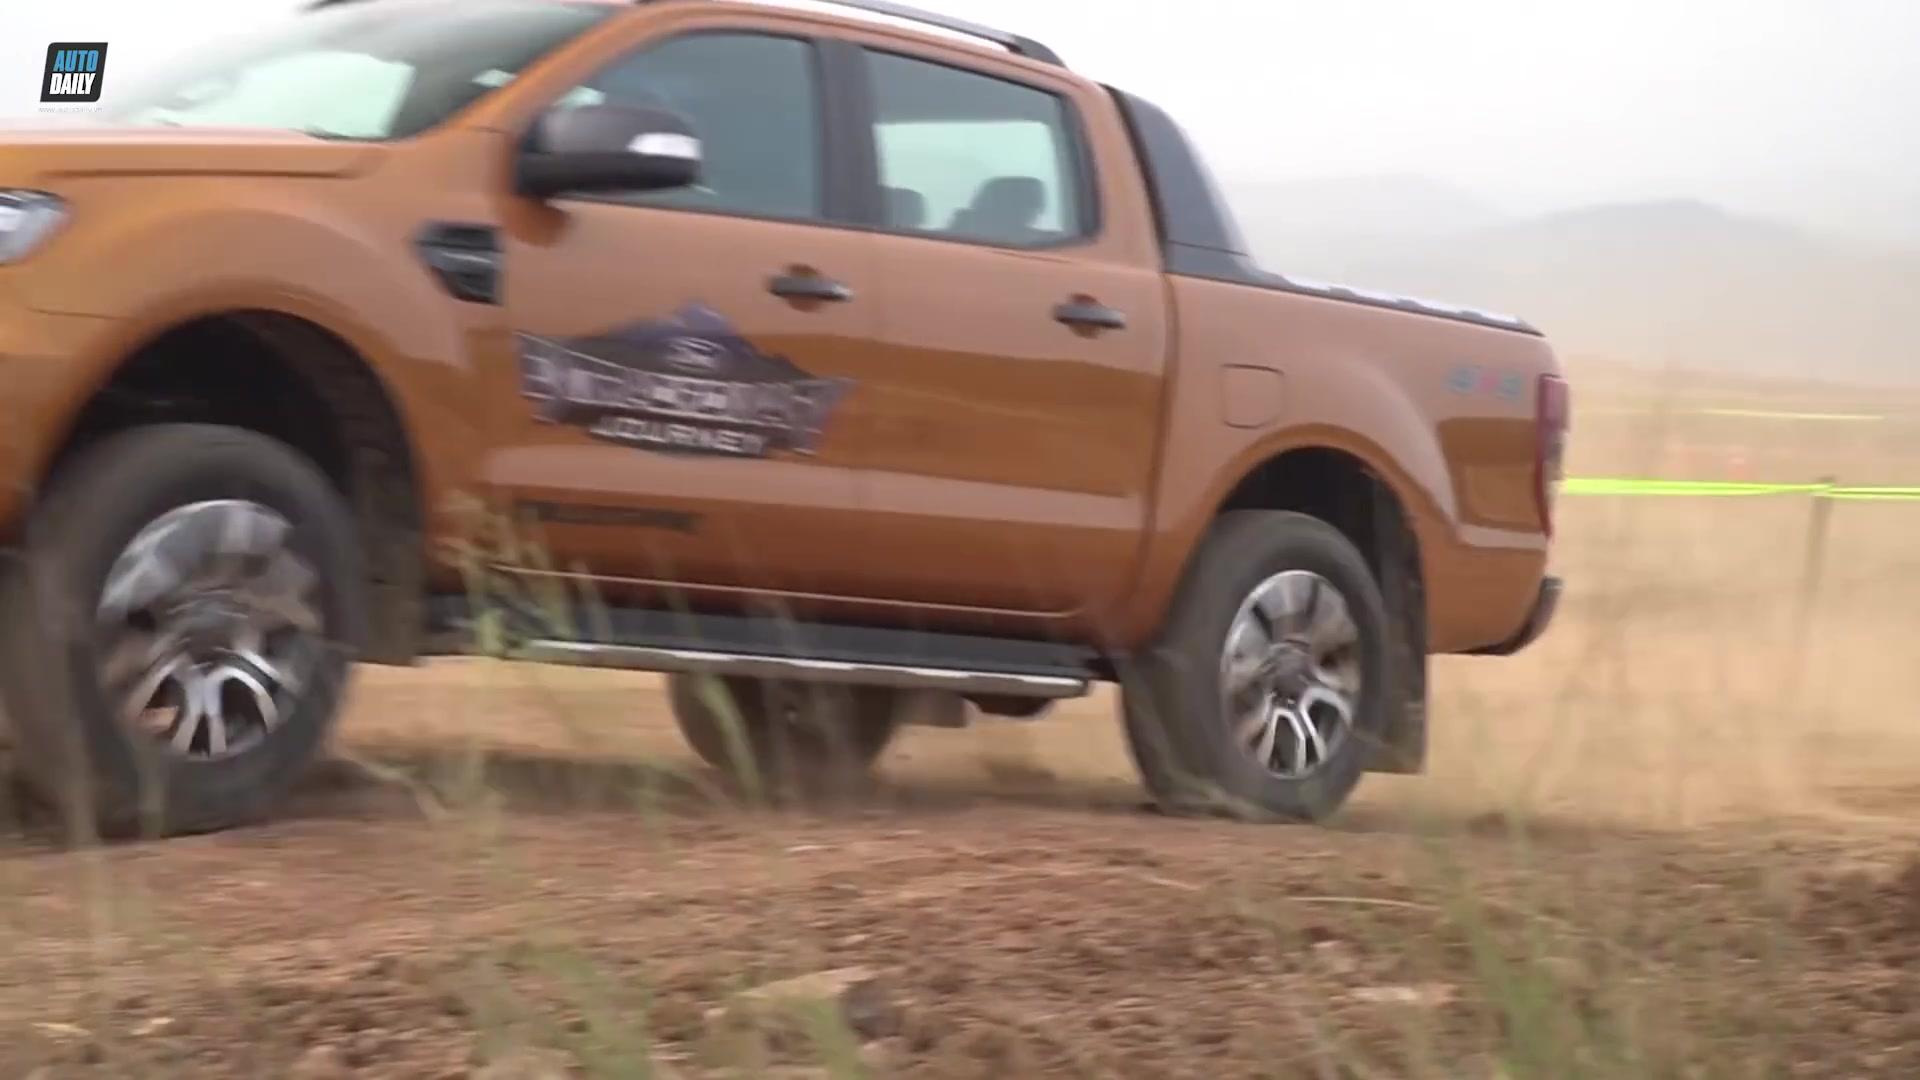 Đua xe giành phần thưởng 1 chiếc ranger raptor giá 1,2 tỷ đồng - Hình 4